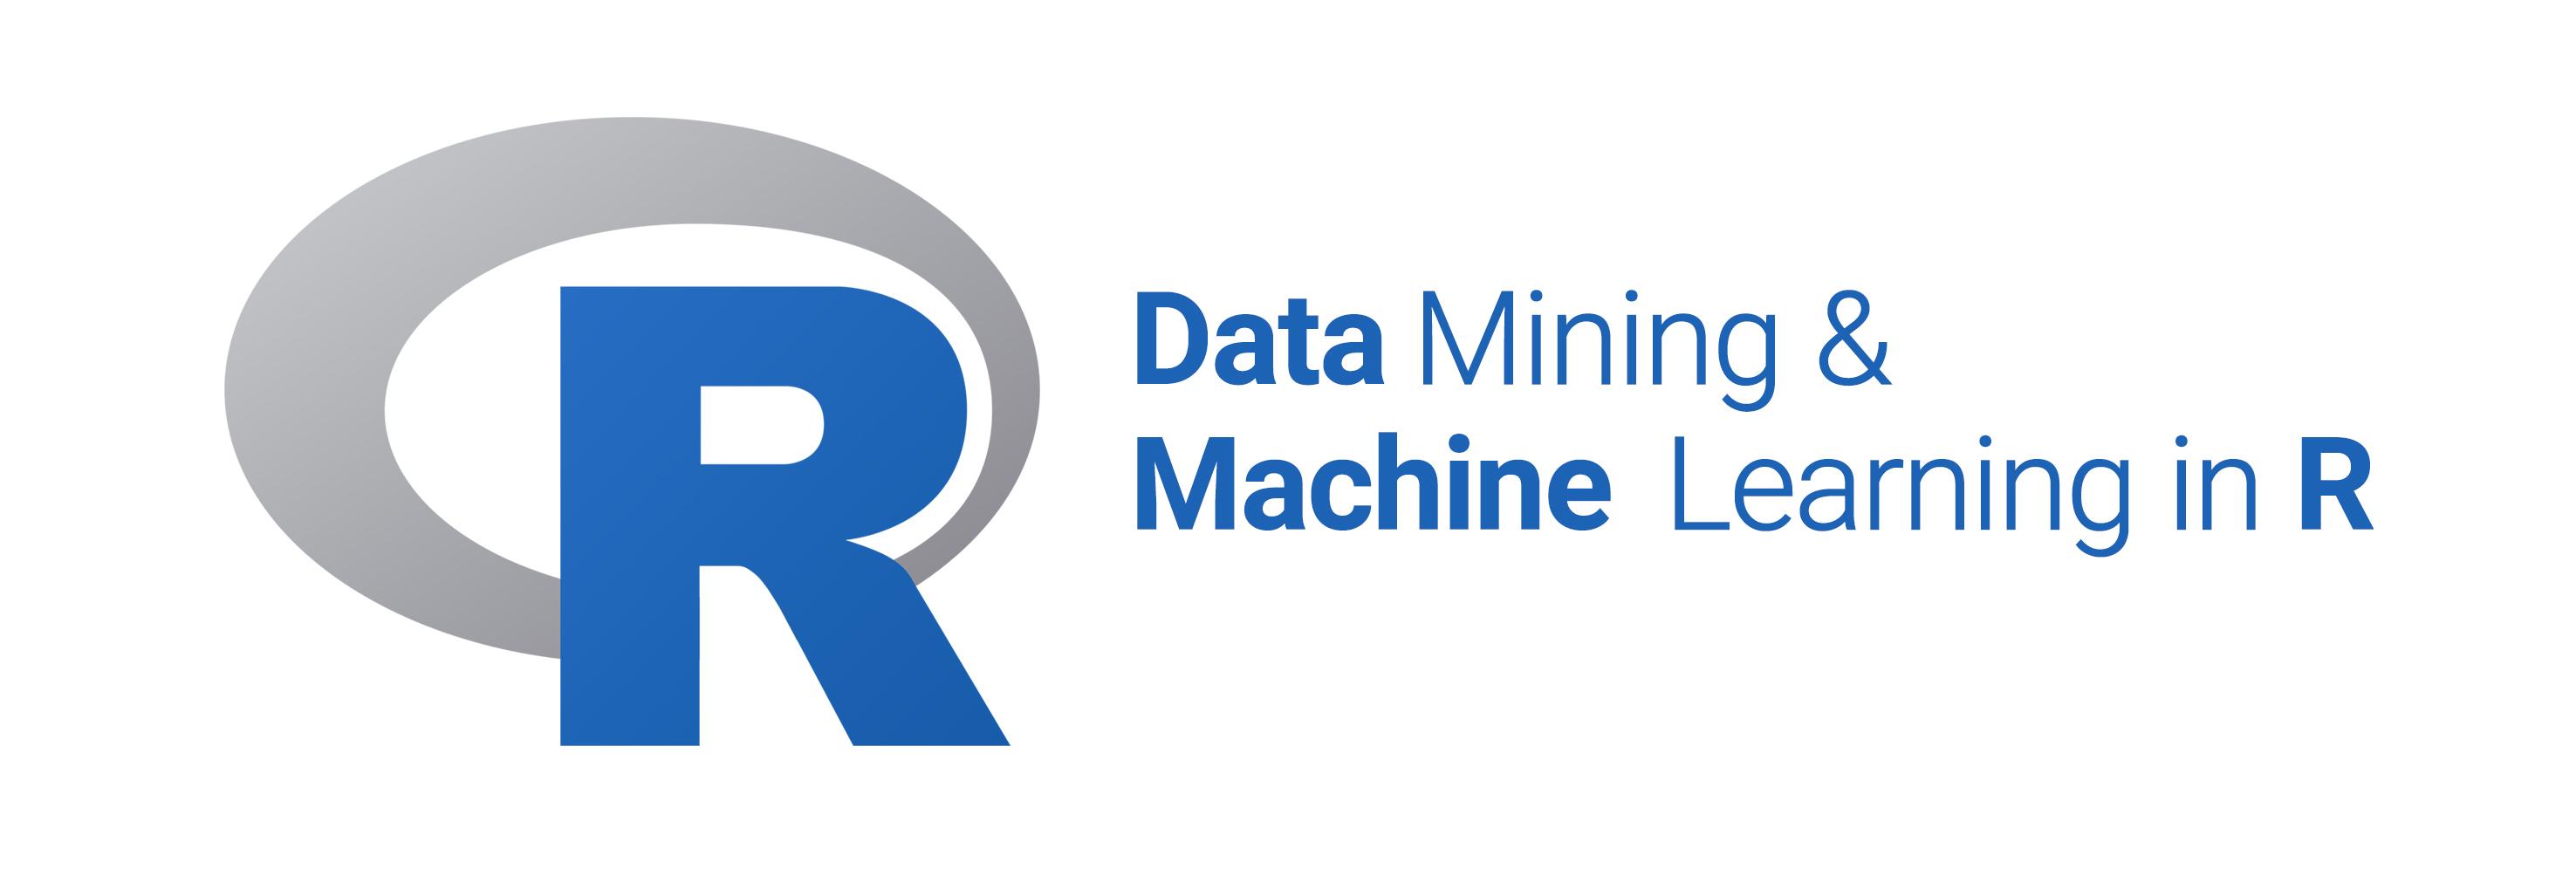 آموزش داده کاوی و یادگیری ماشین در R